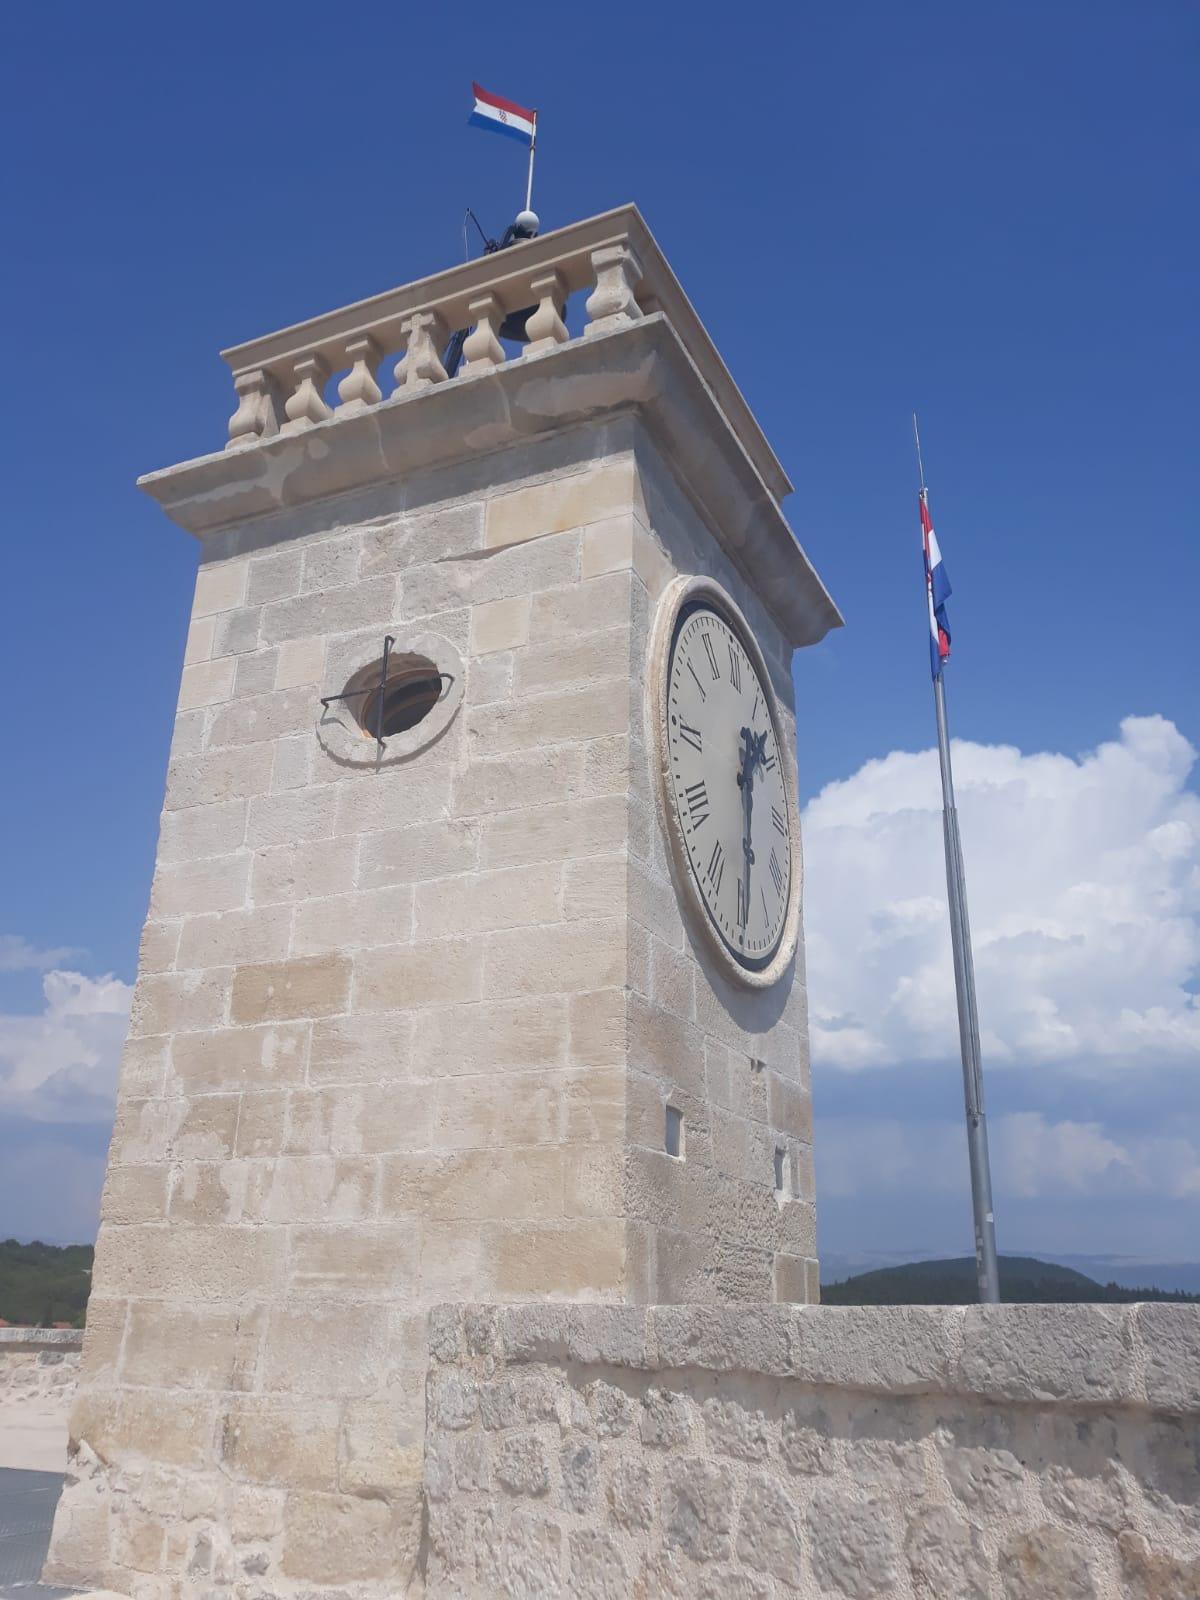 Kamicak Fort in Sinj, Croatia